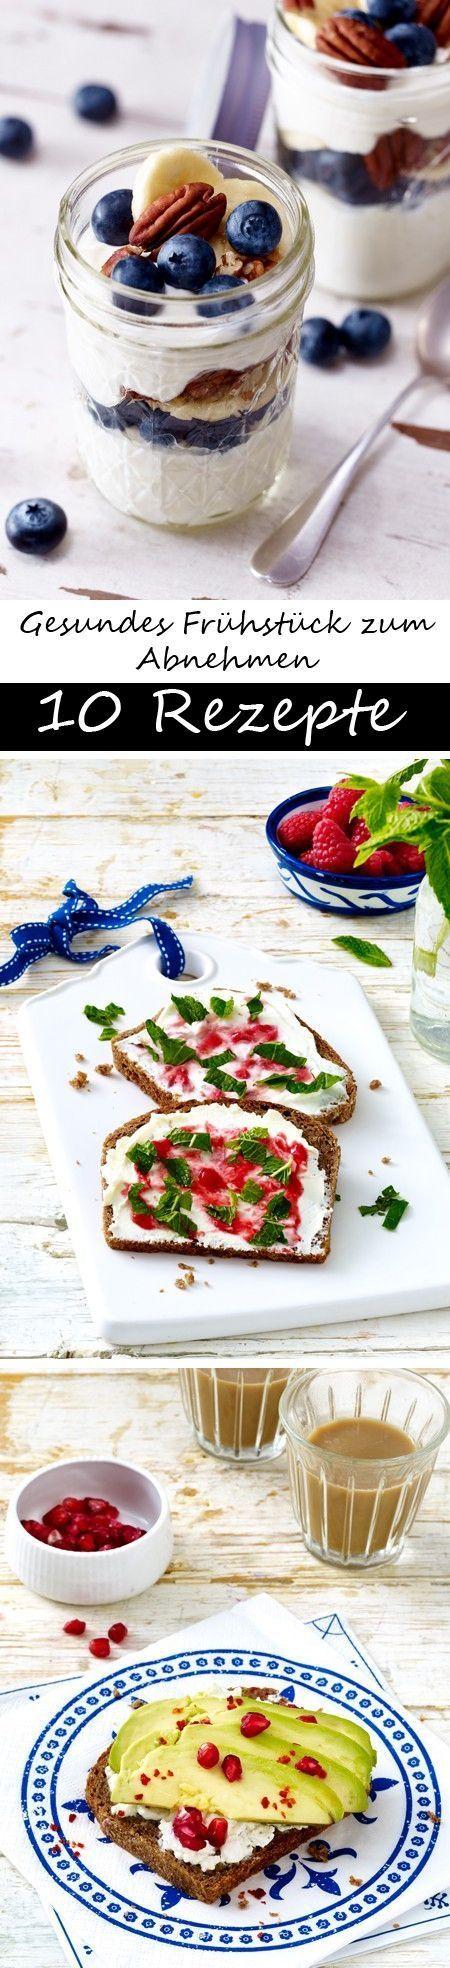 10 mal gesundes Frühstück zum Abnehmen -